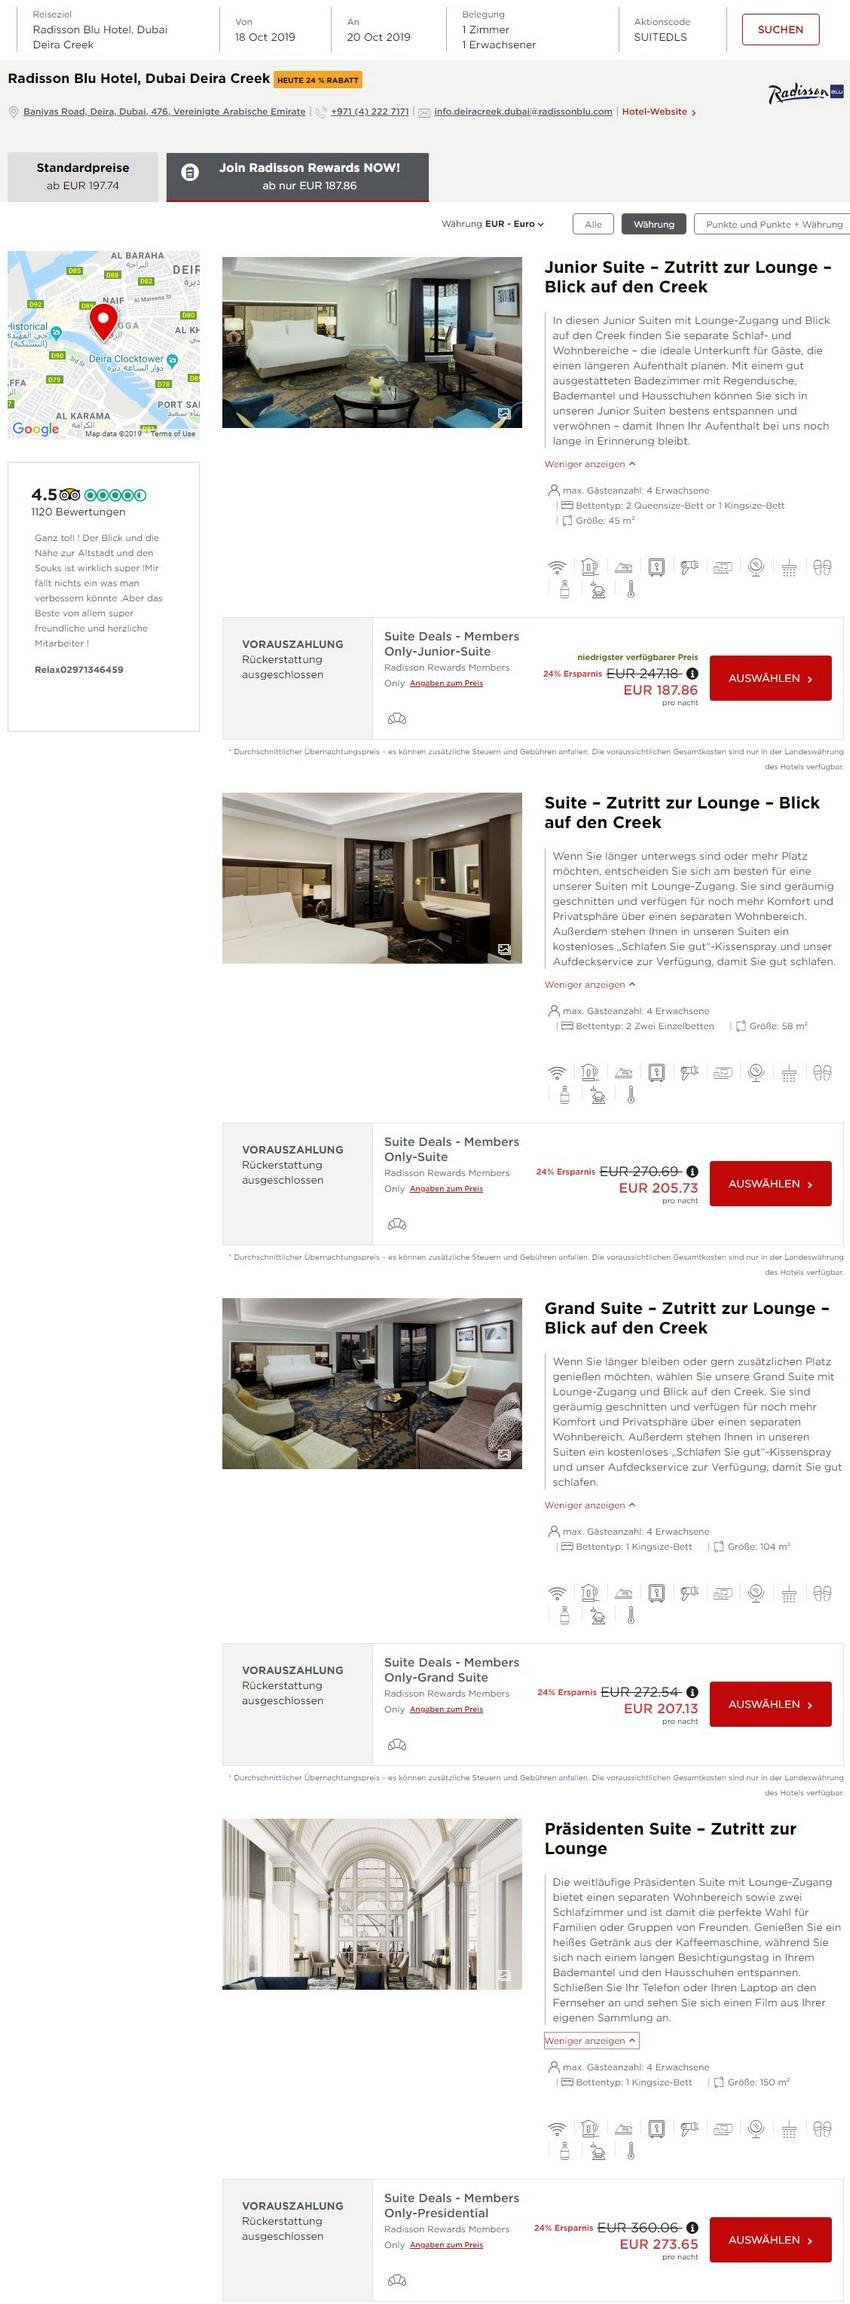 Preisbeispiel Radisson Dubai Creek Suite Deals